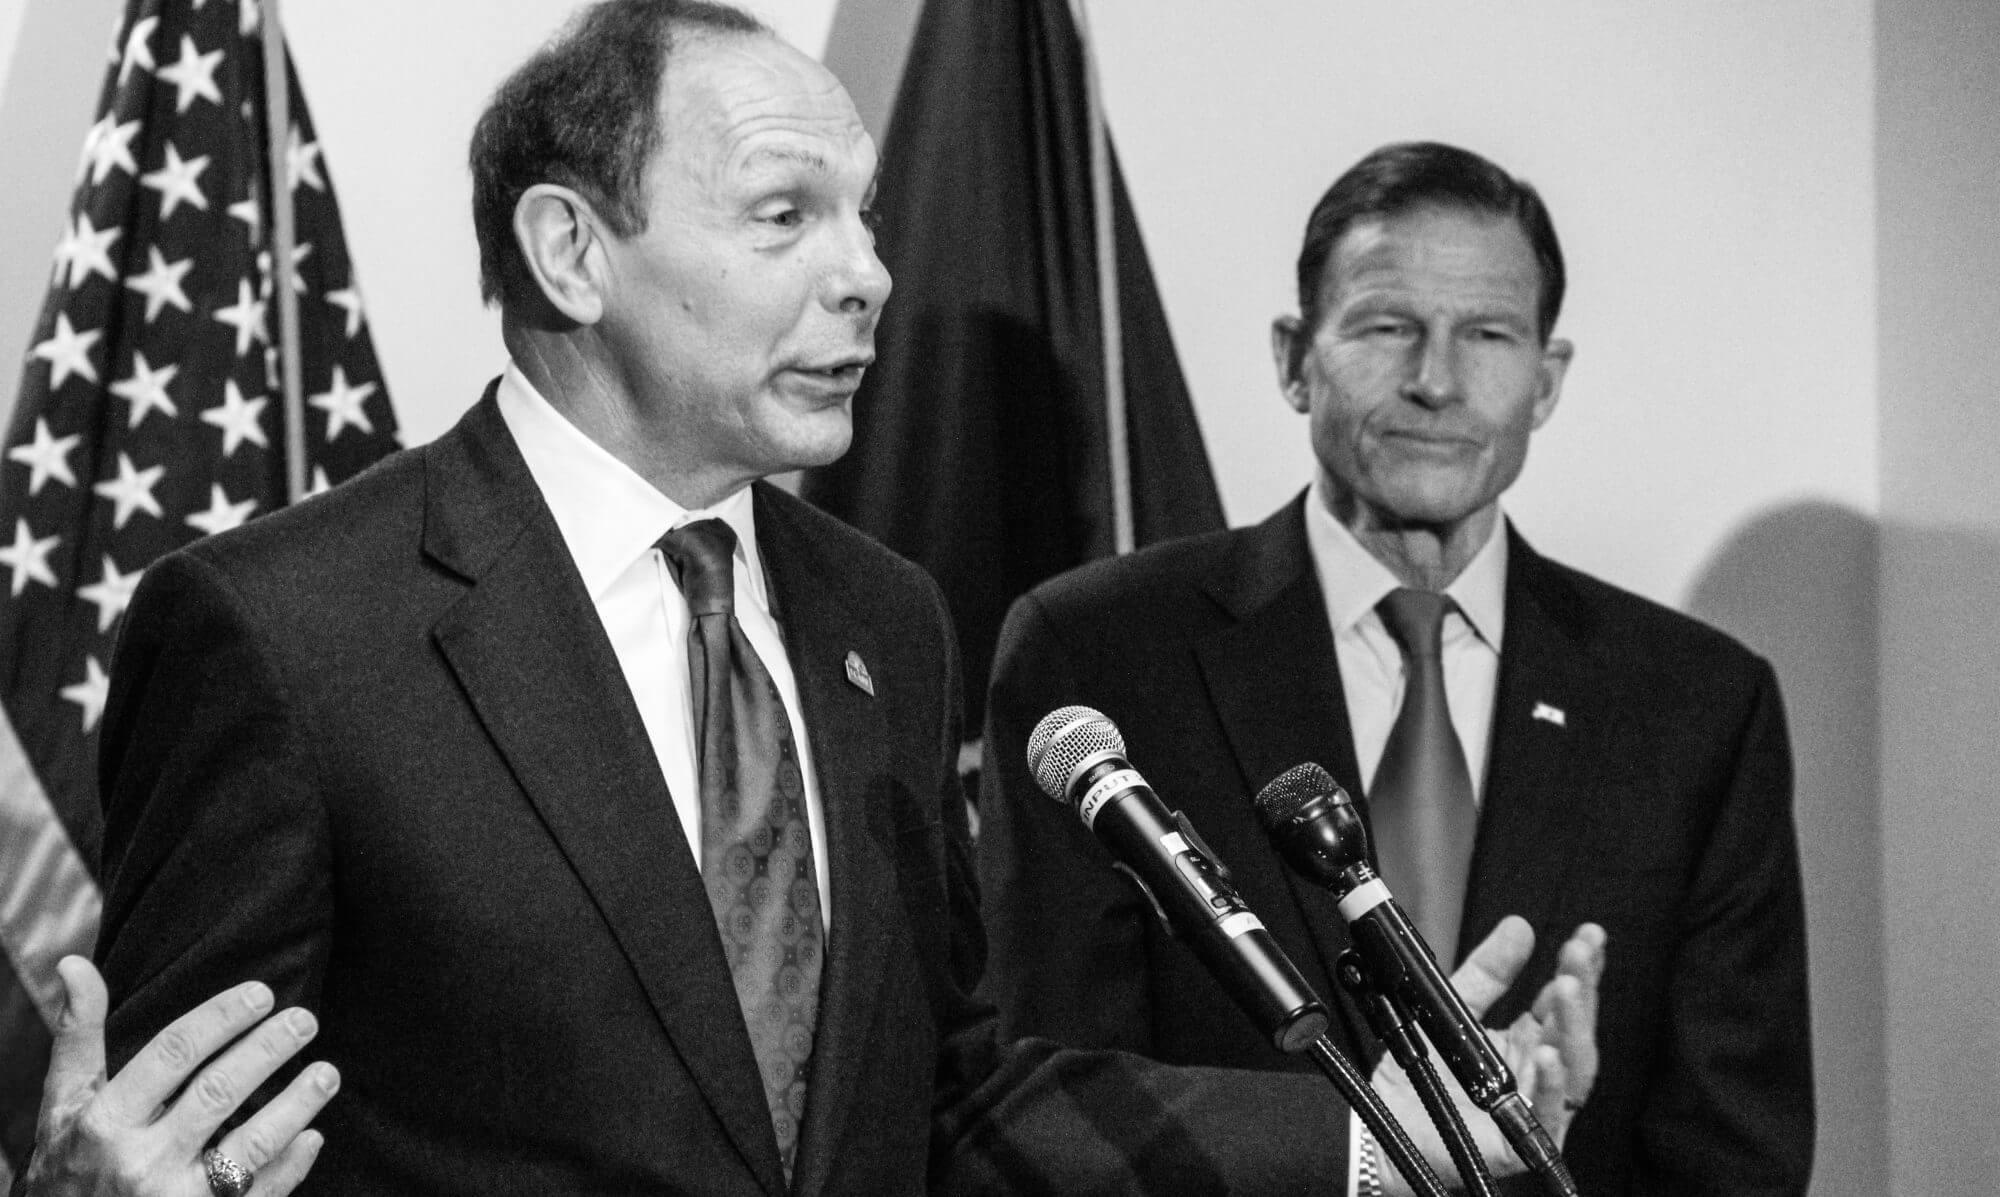 VA secretary attempts to change culture, combat critics